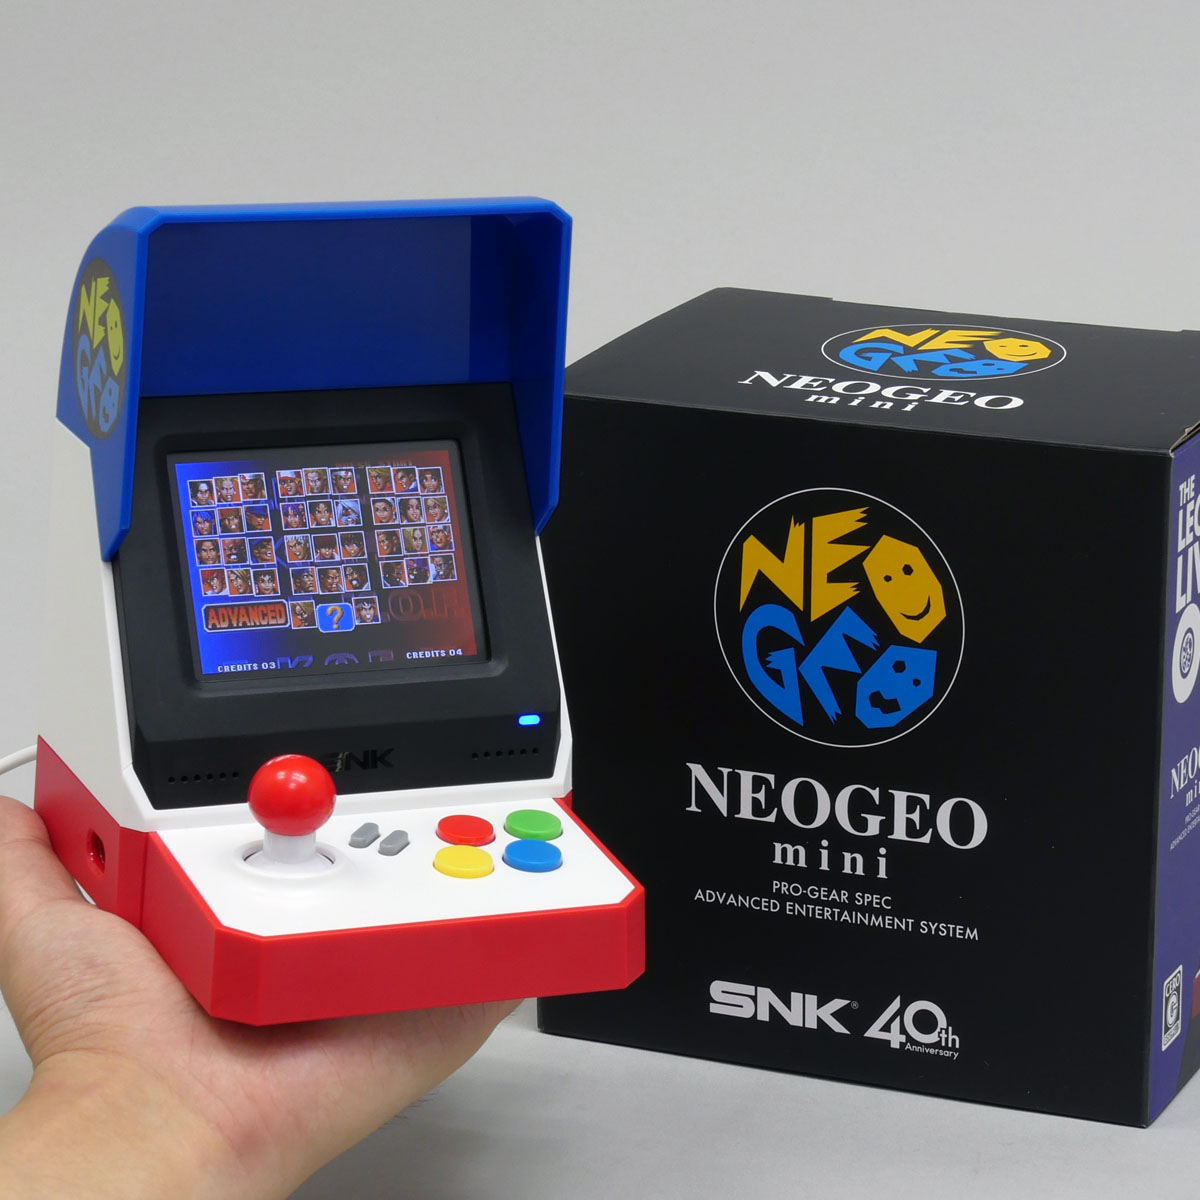 ついに「NEOGEO mini」(ネオジオミニ)が登場! ゲーセンの興奮が再び